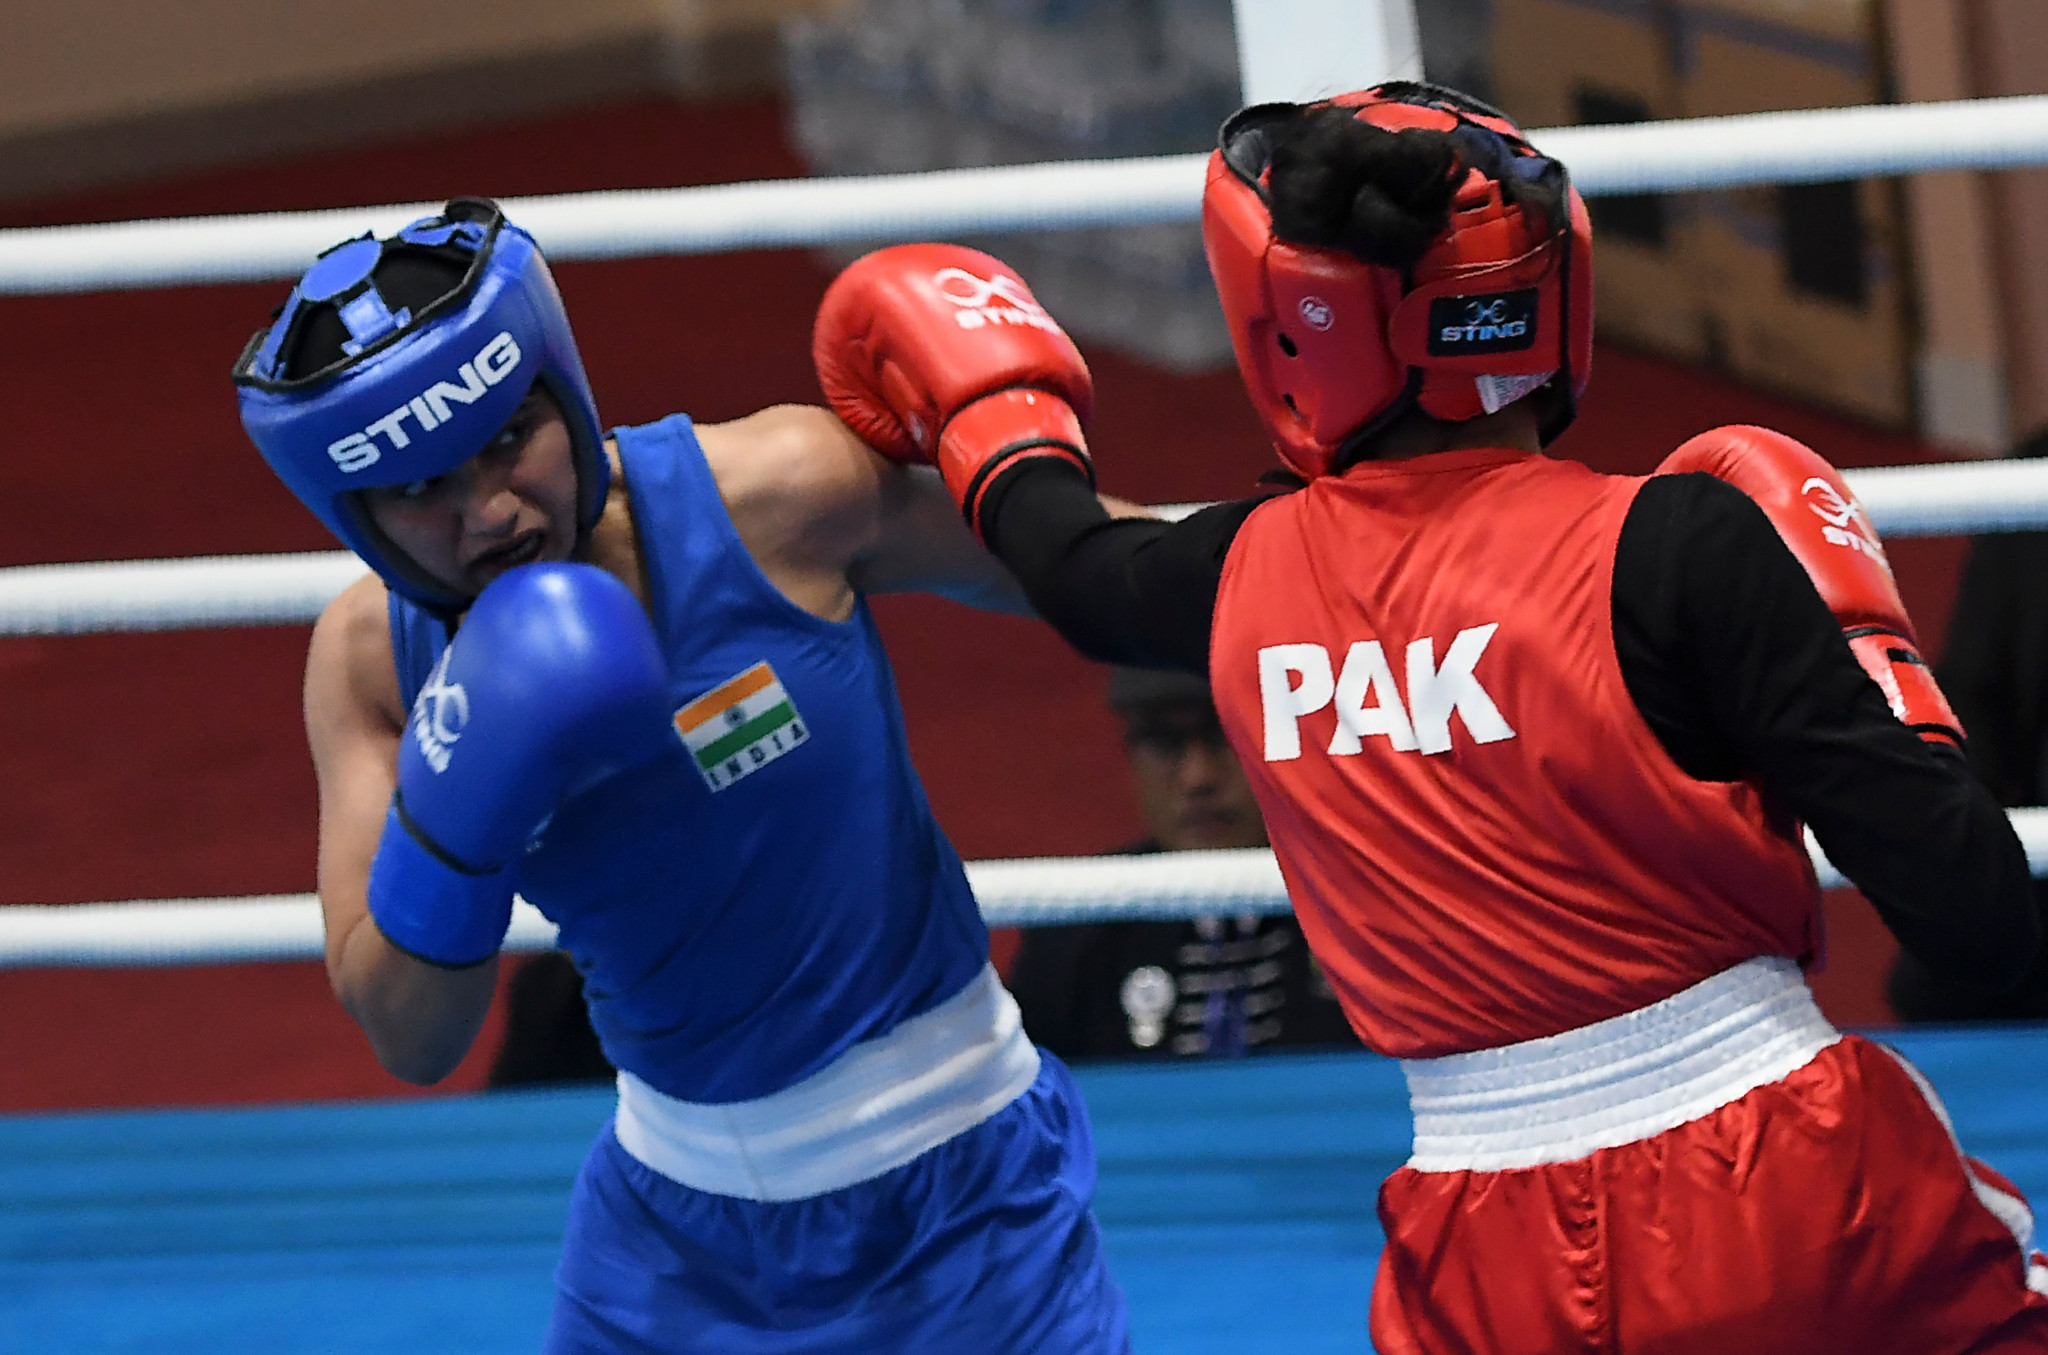 Si le PBF peut nommer un entraîneur cubain, cela aidera, espérons-le, les boxeurs du pays lors des prochaines compétitions internationales, y compris les Jeux asiatiques © Getty Images